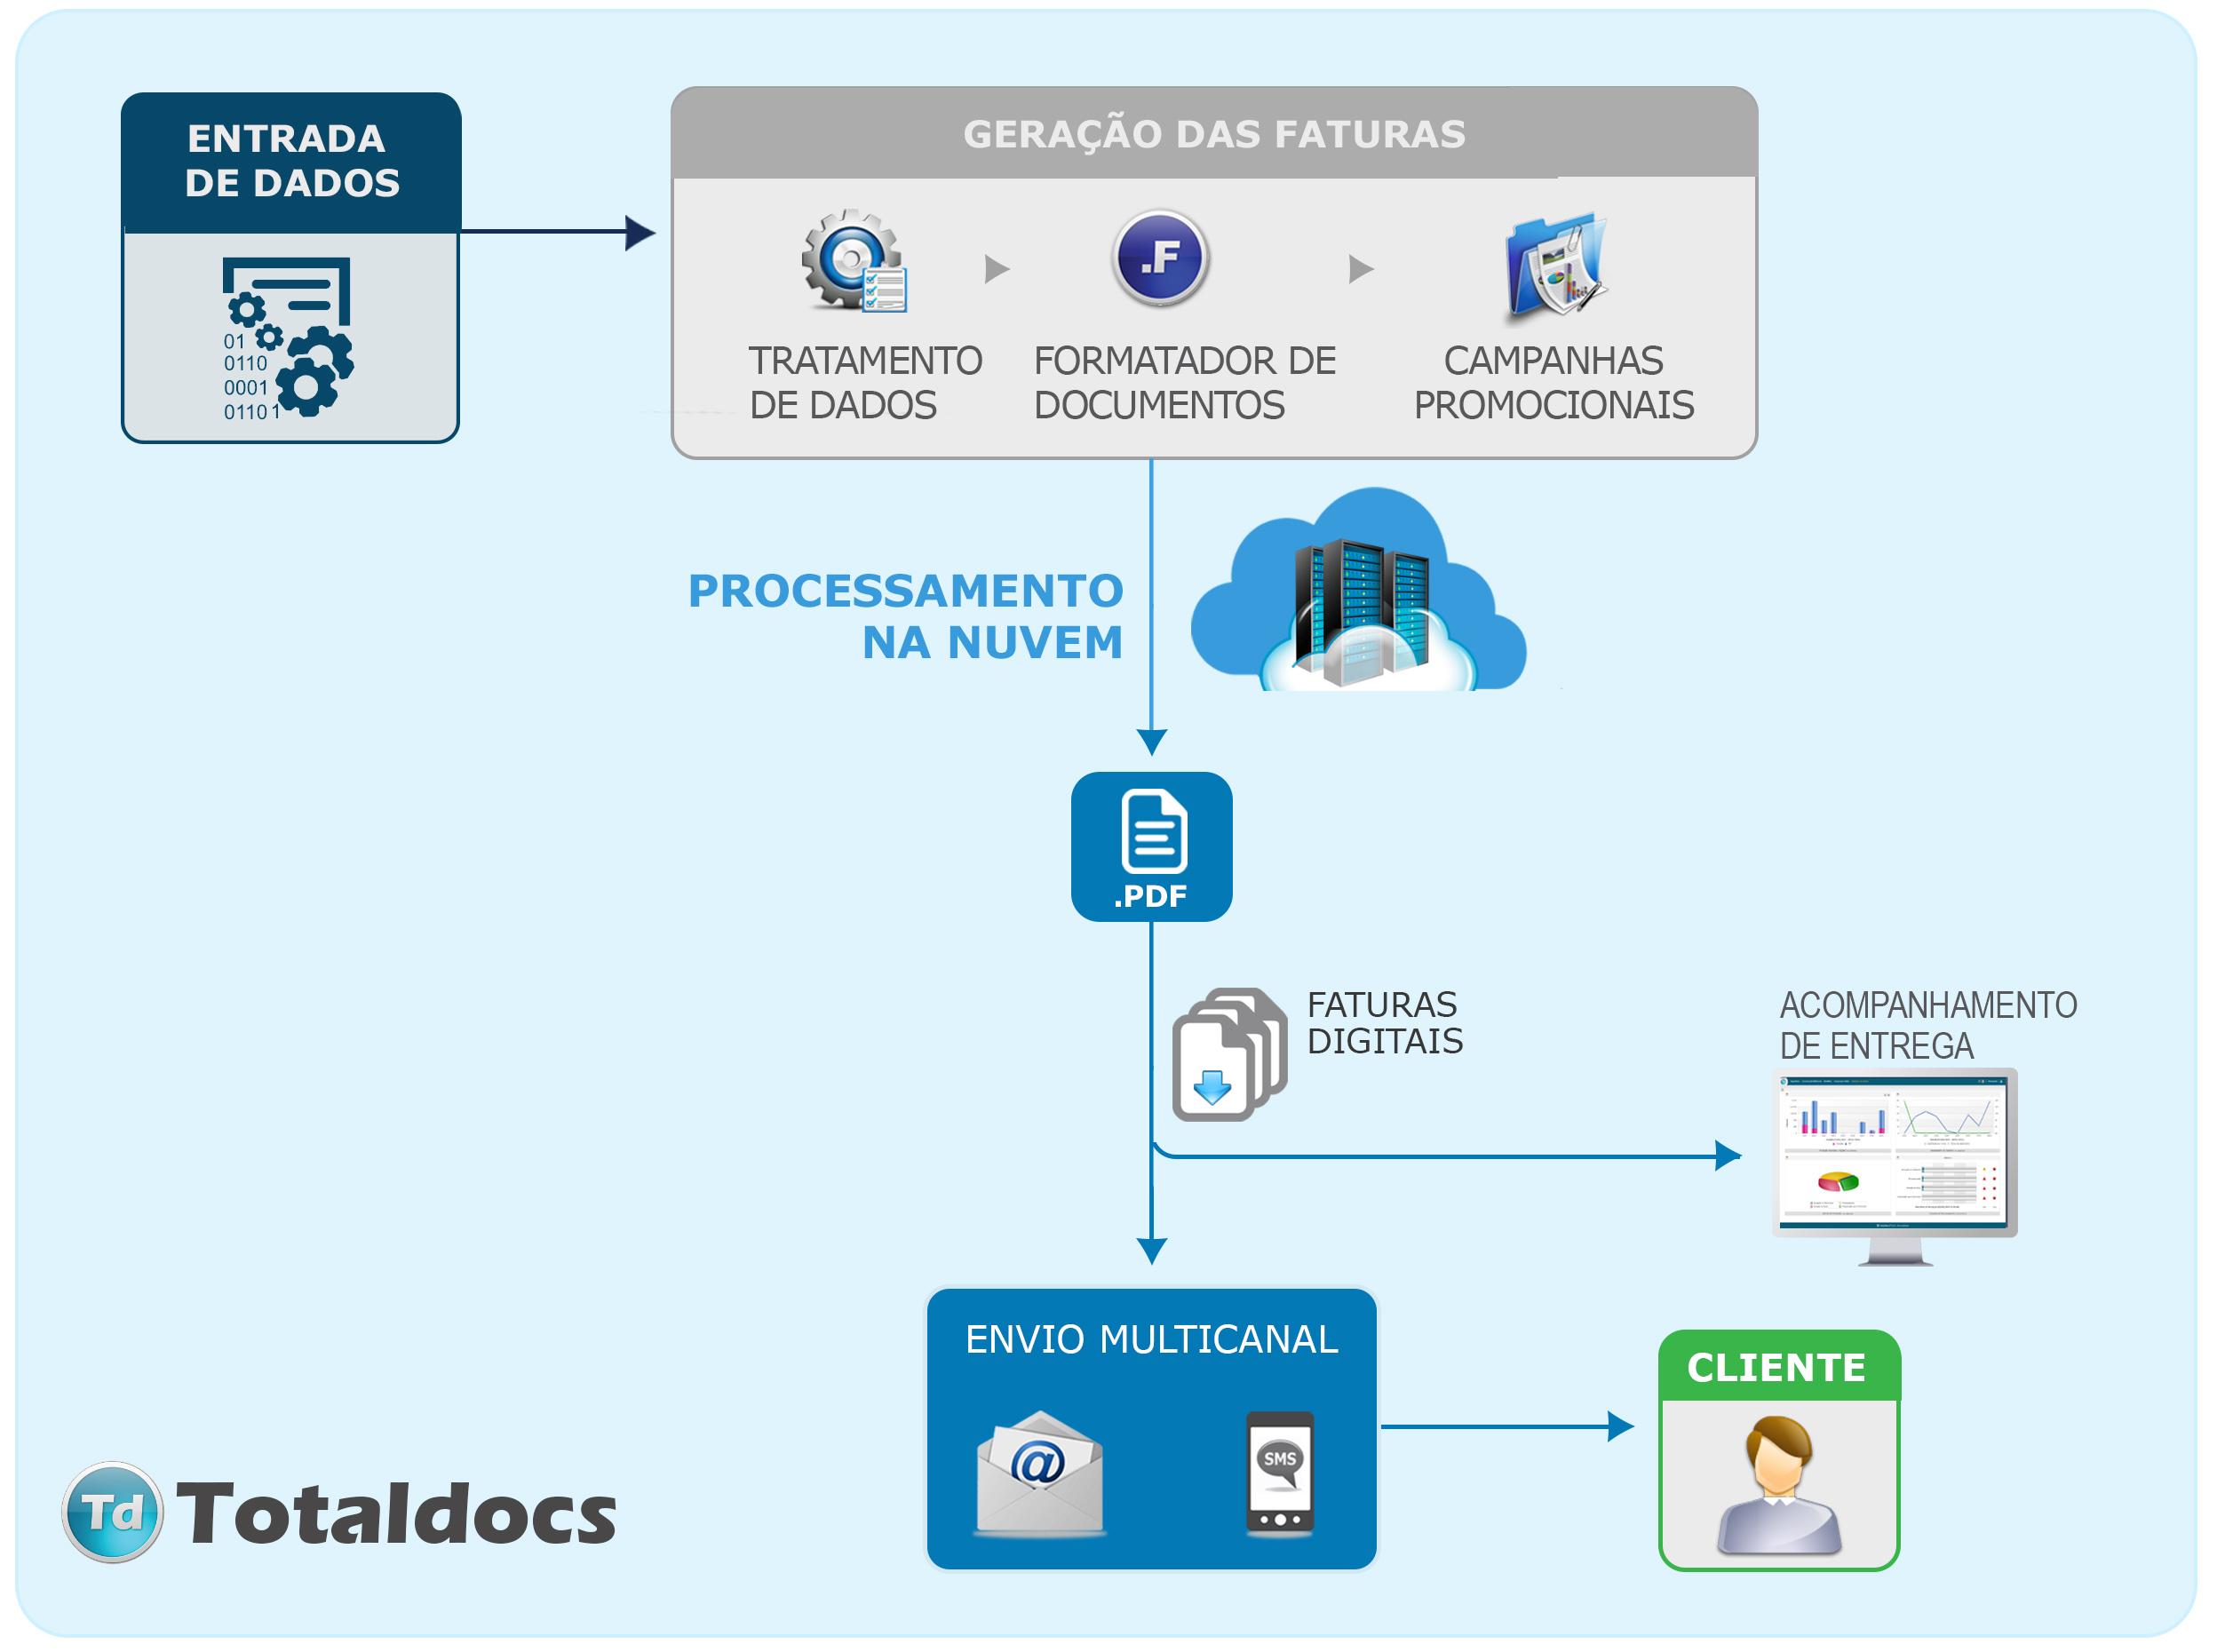 Fluxograma do funcionamento da Plataforma Totaldocs